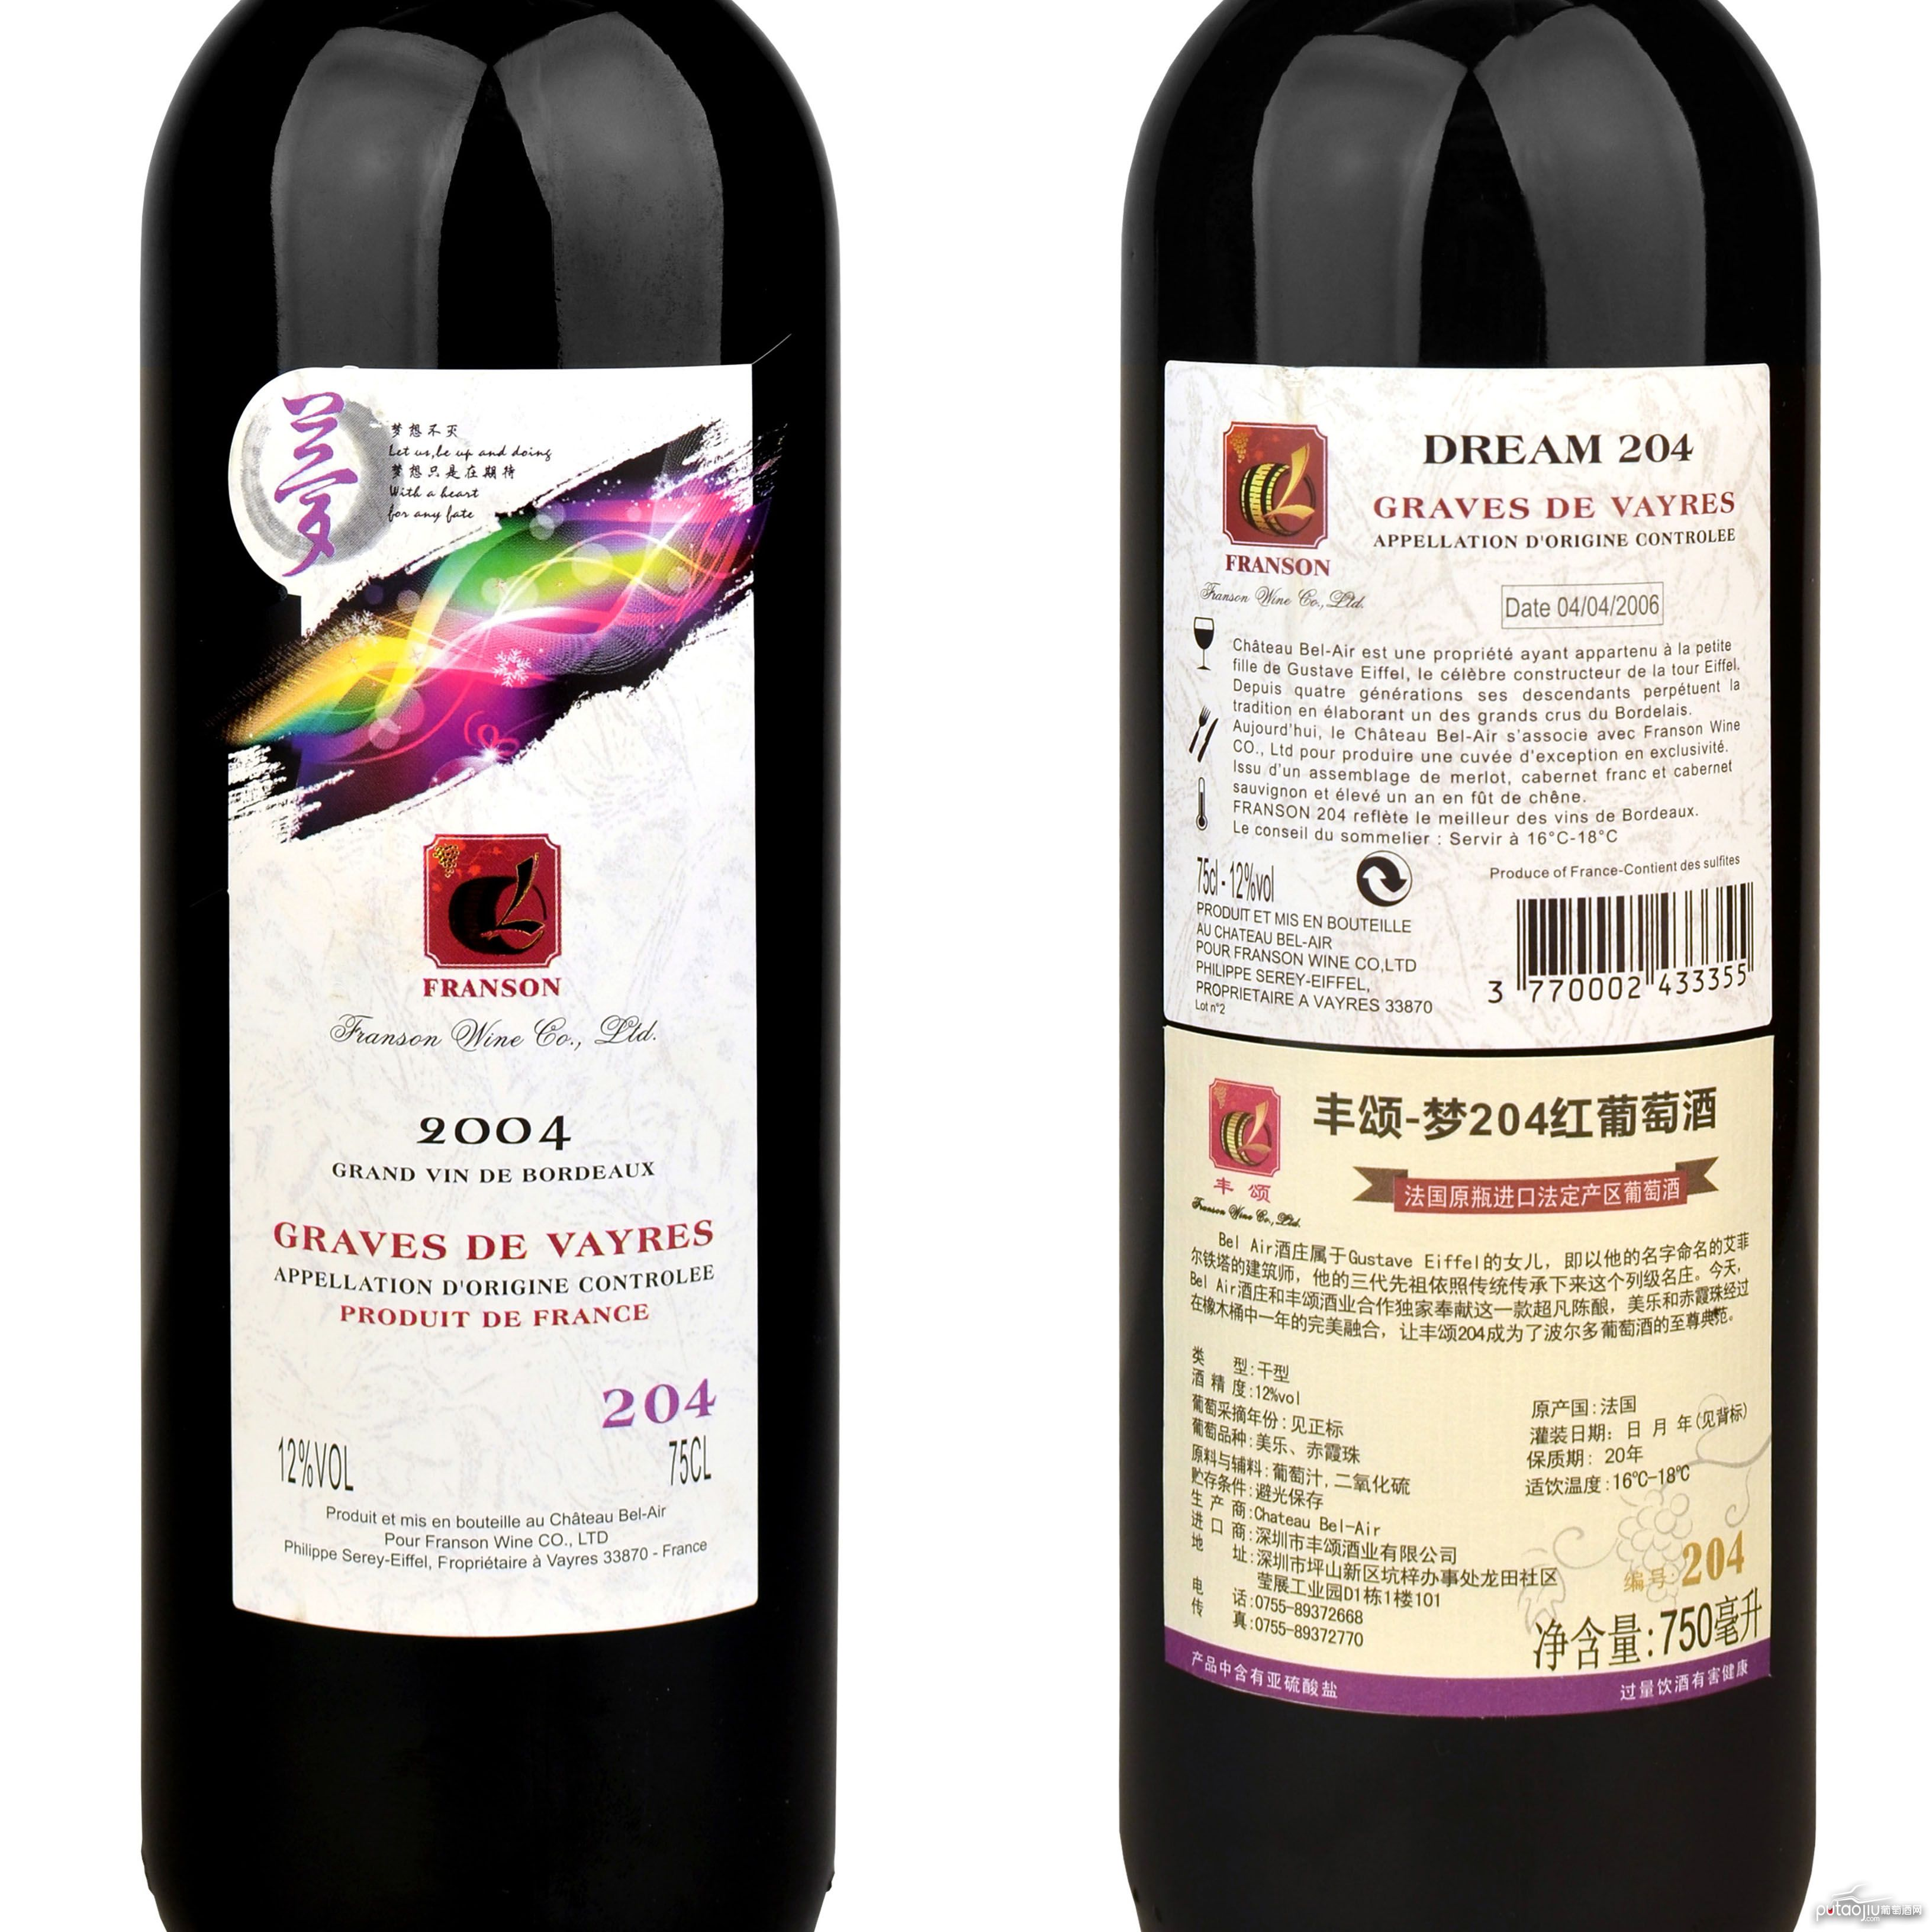 法国格拉芙Bel Air酒庄梦系列赤霞珠梅洛204干红葡萄酒